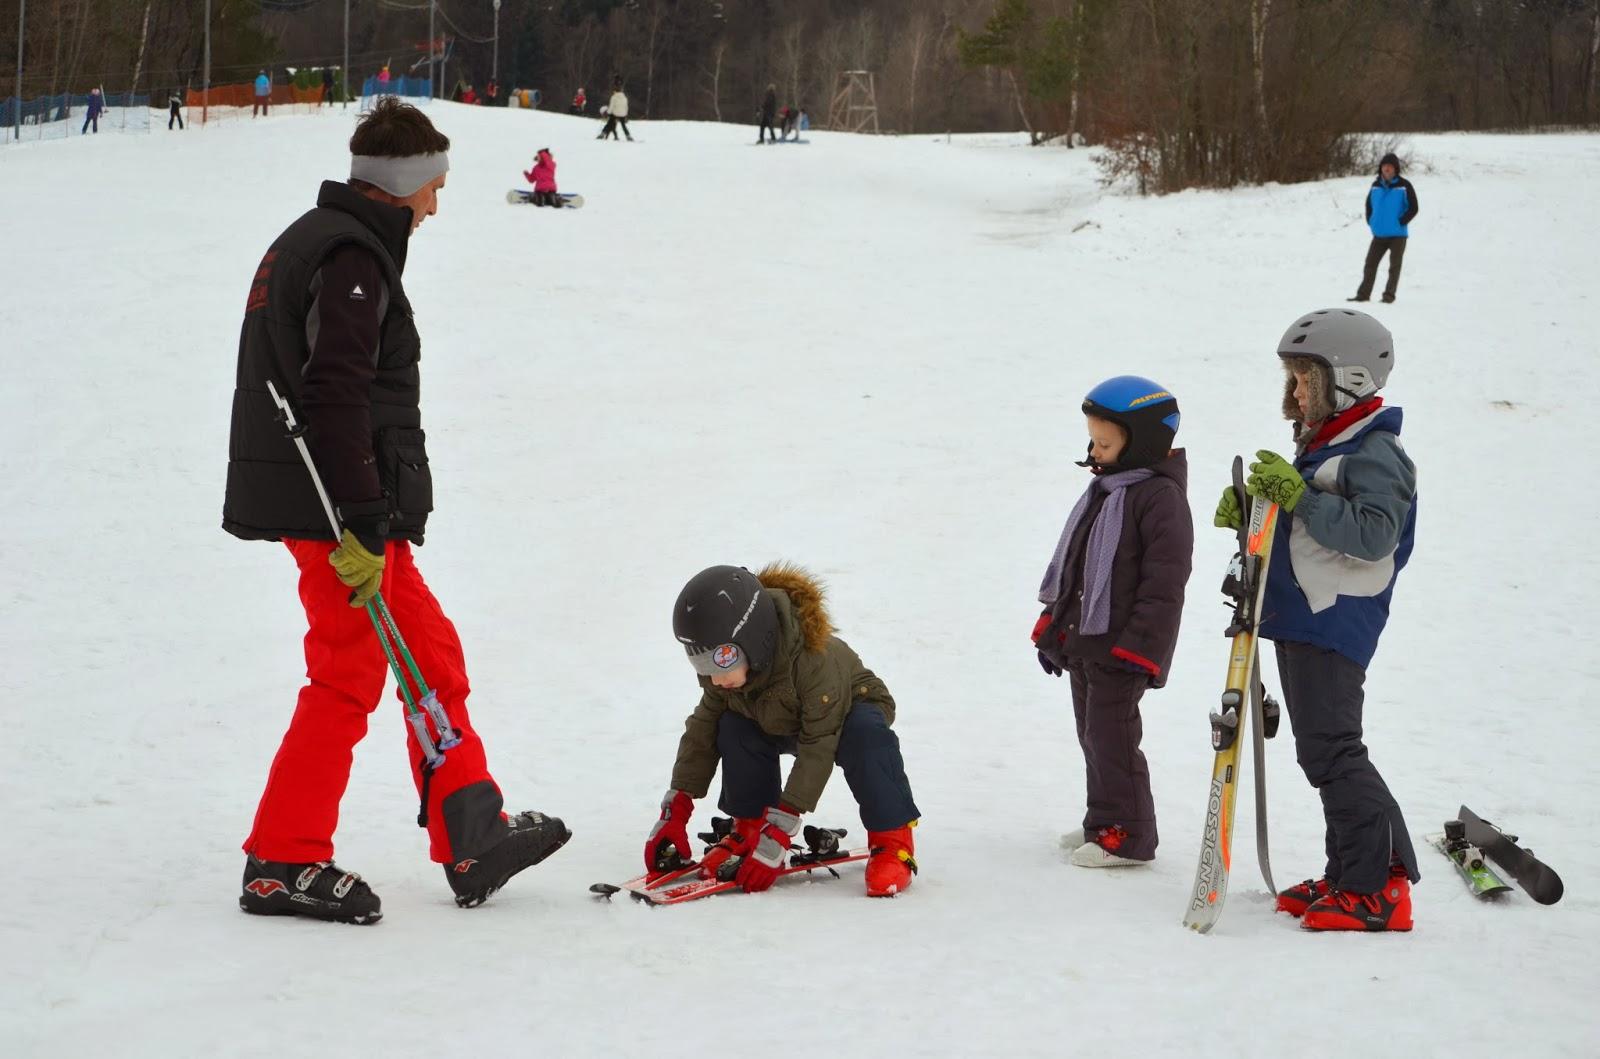 ferie z dzieckiem w górach, ferie, góry, zjazd, narty, nauka jazdy na nartach, zima